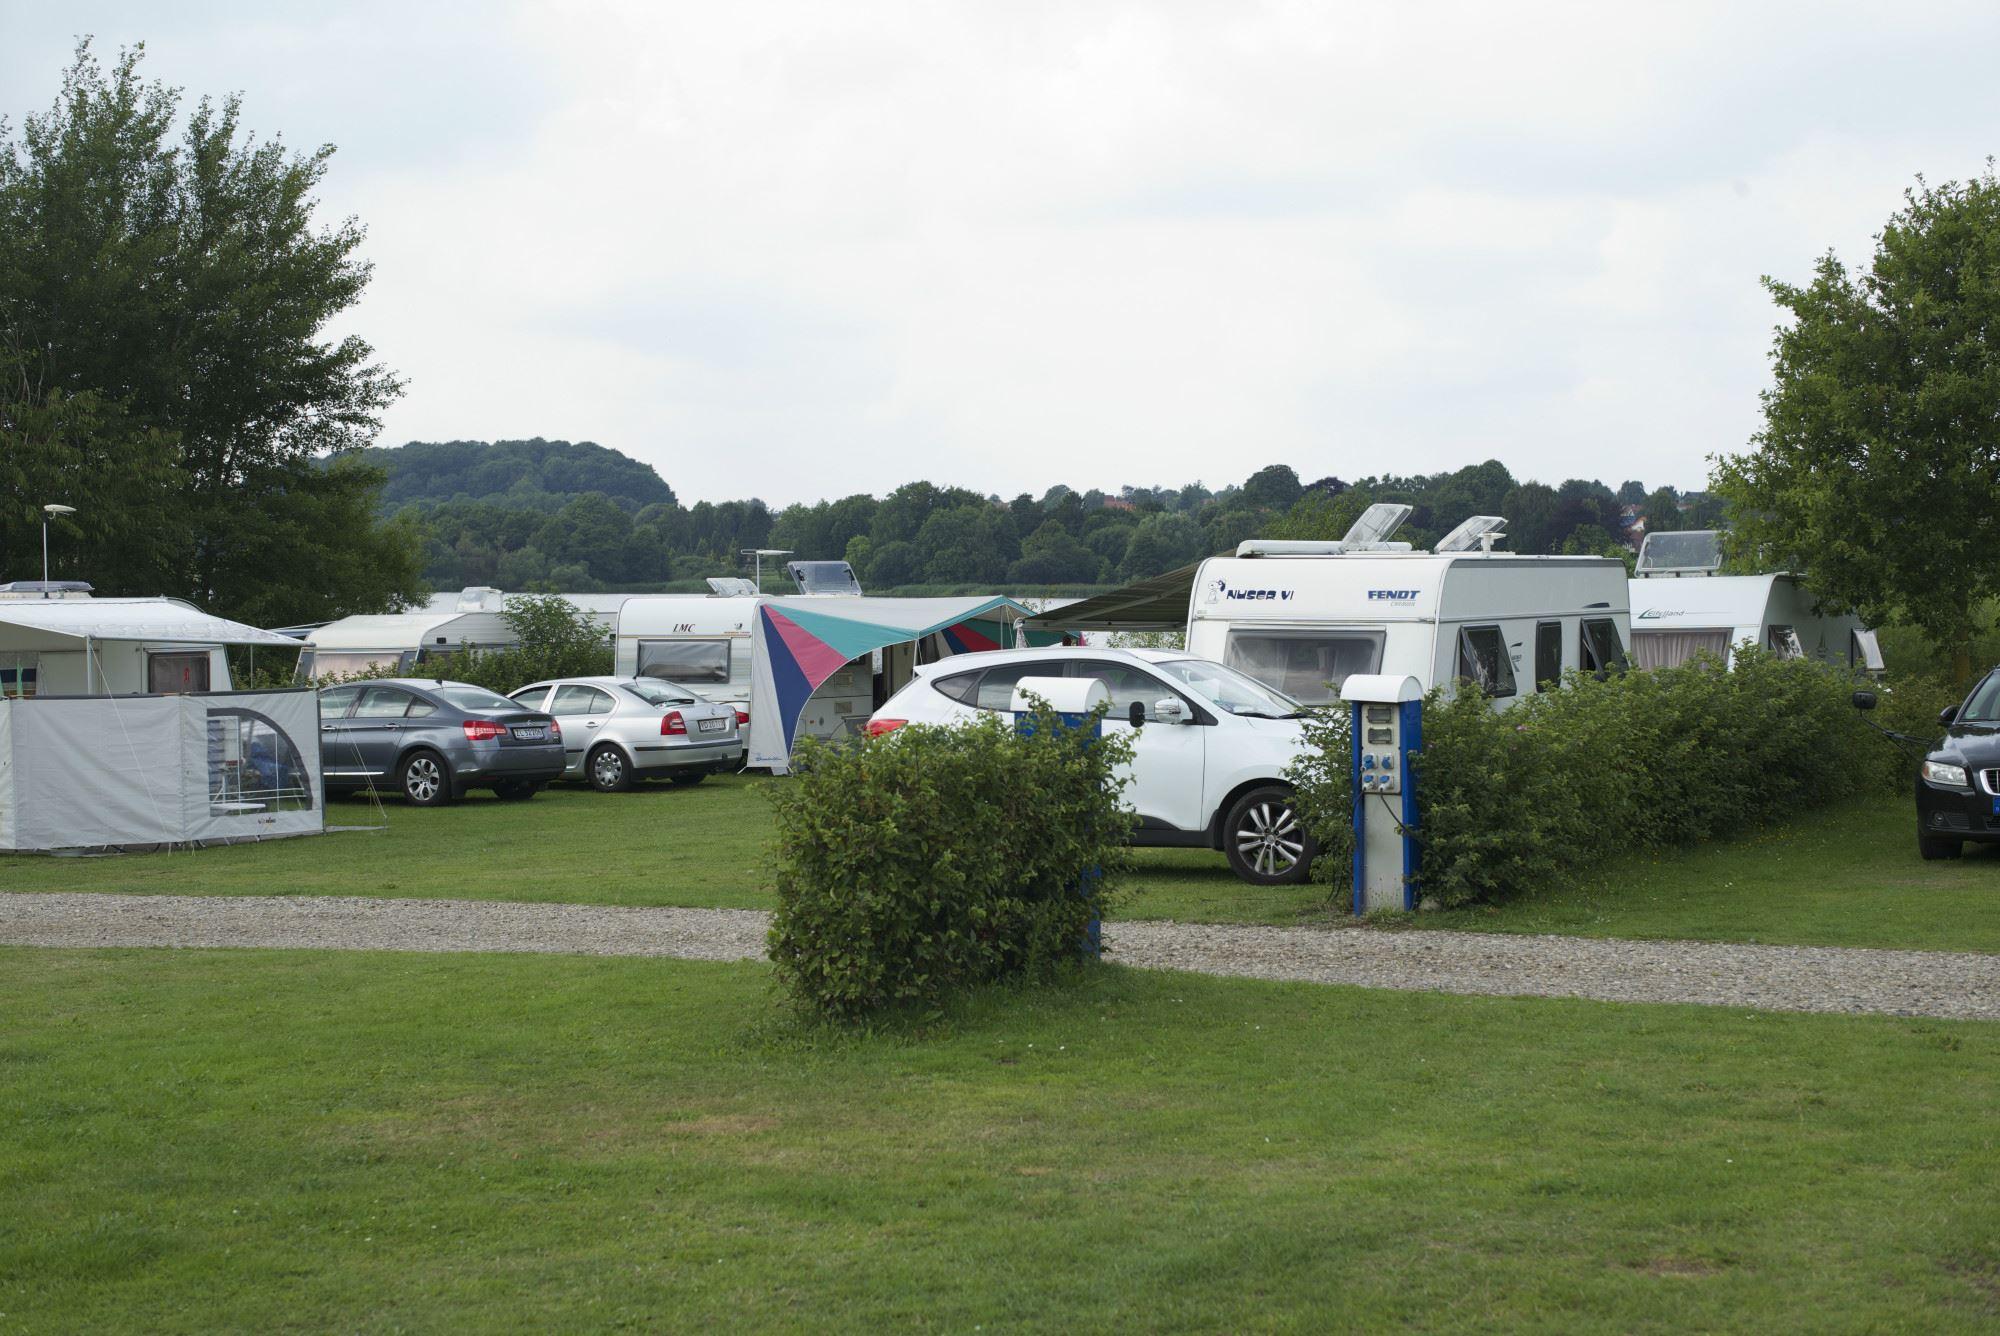 Haderslev Campingplads